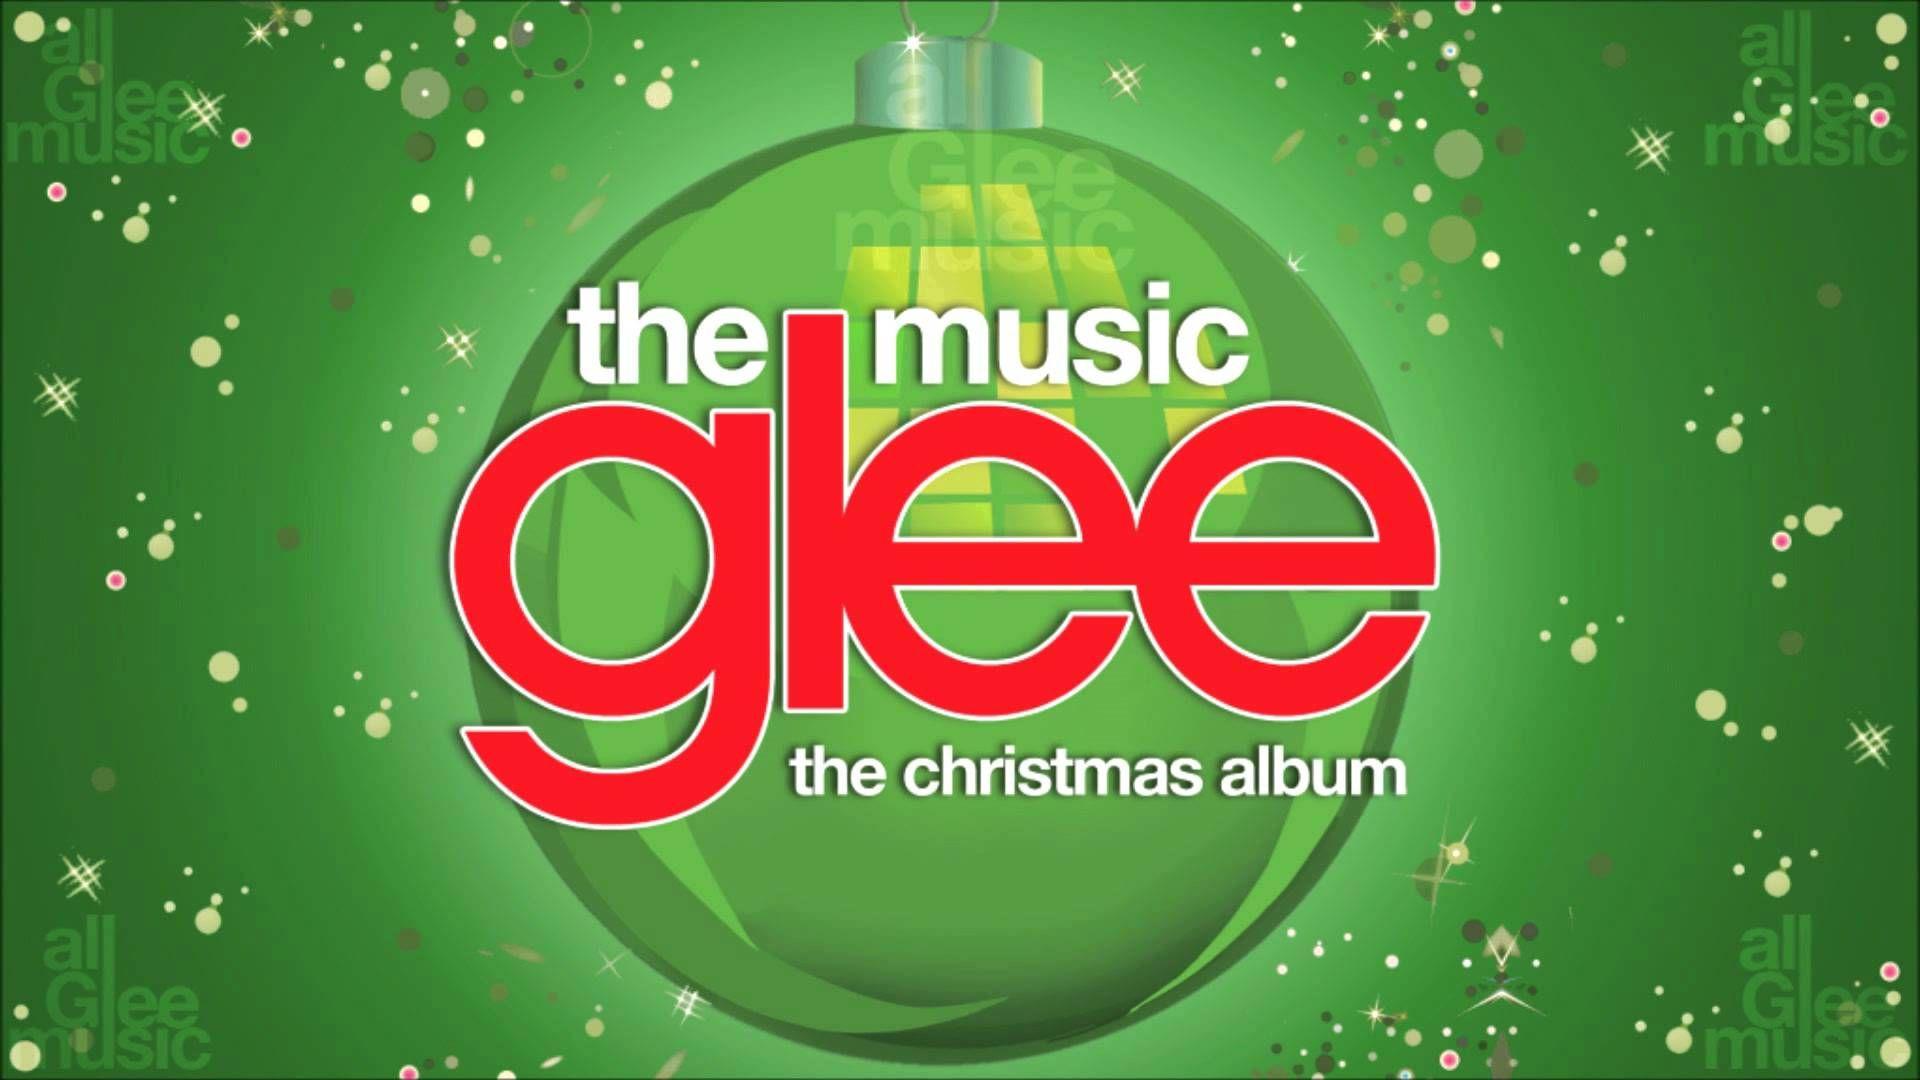 Christmas Glee [HD FULL STUDIO] Christmas